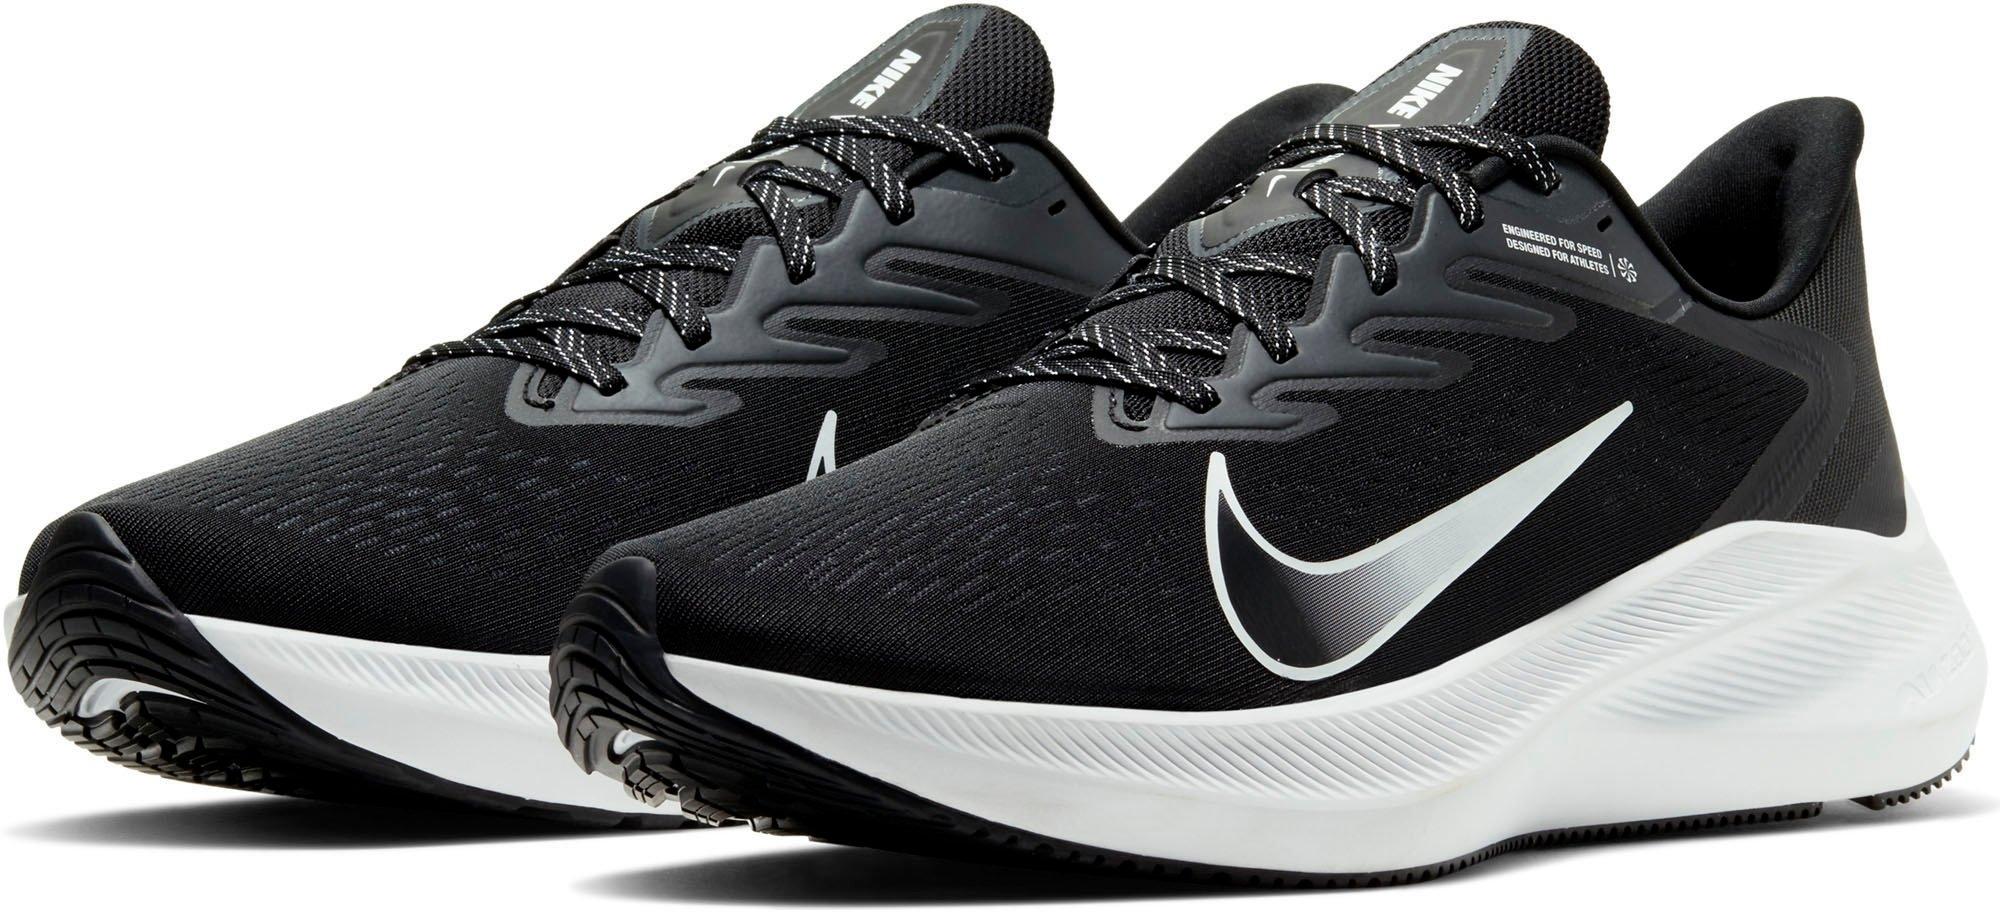 Nike runningschoenen ZOOM WINFLO 7 bestellen: 30 dagen bedenktijd